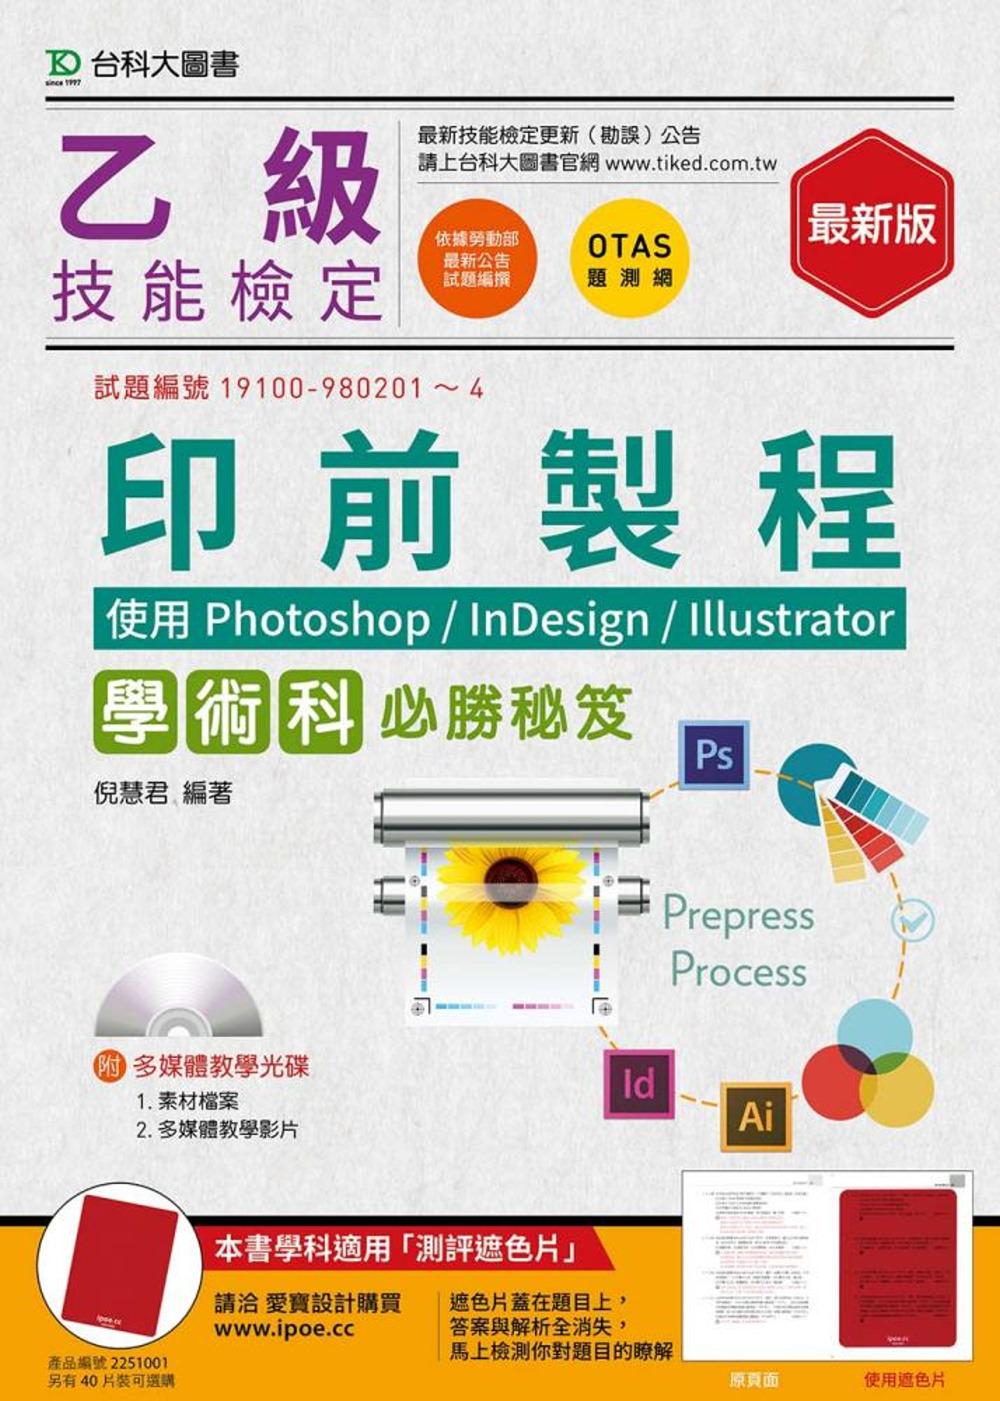 乙級印前製程學術科必勝秘笈 - 使用Photoshop / InDesign / Illustrator - 最新版 - 附贈OTAS題測系統